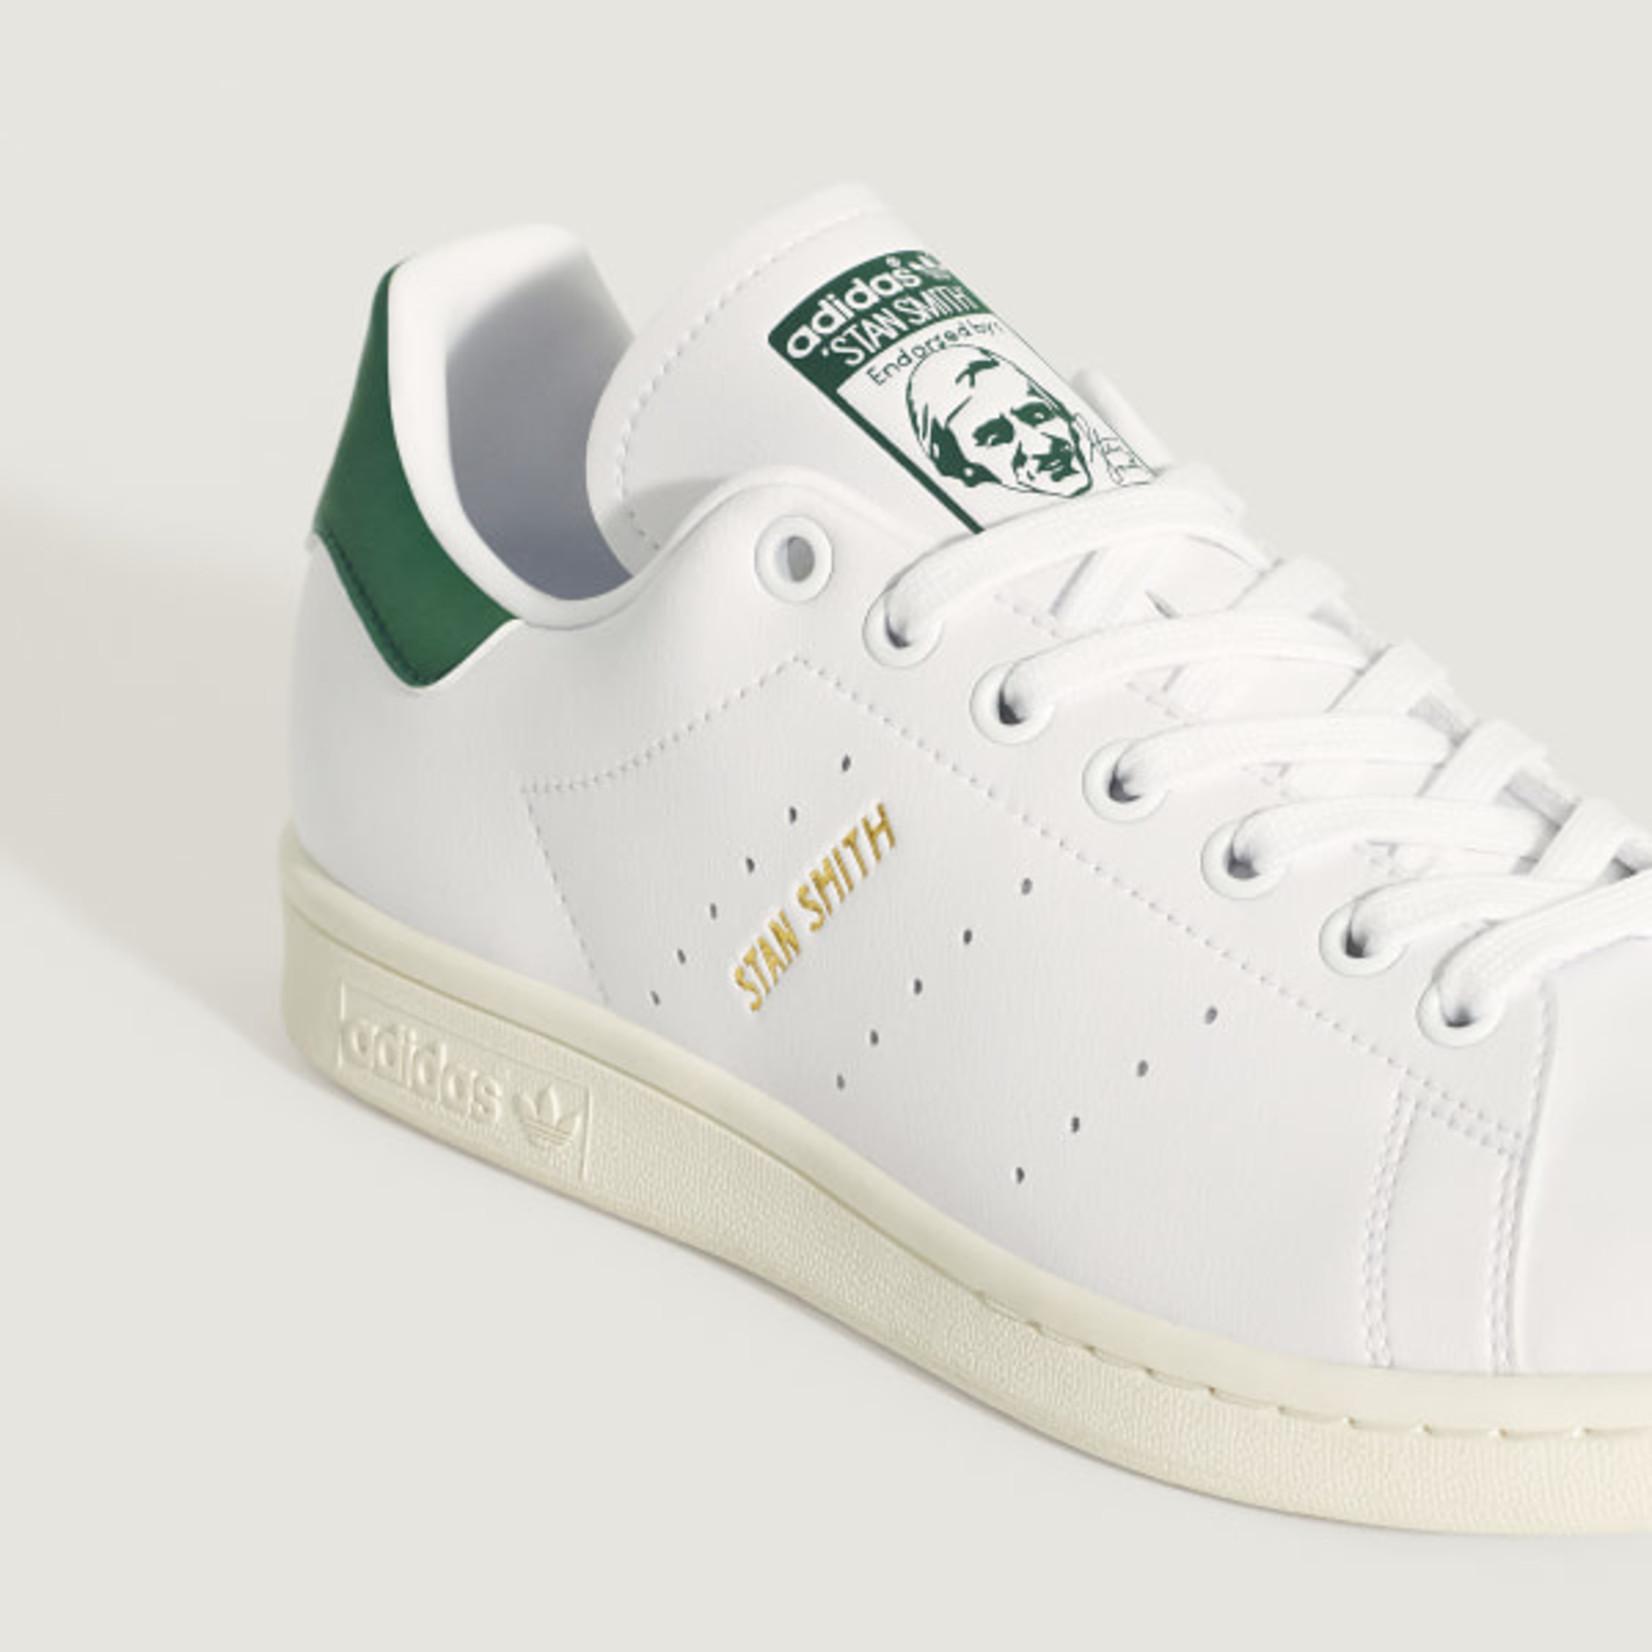 Adidas Stan Smith Ftwwht/Cgreen